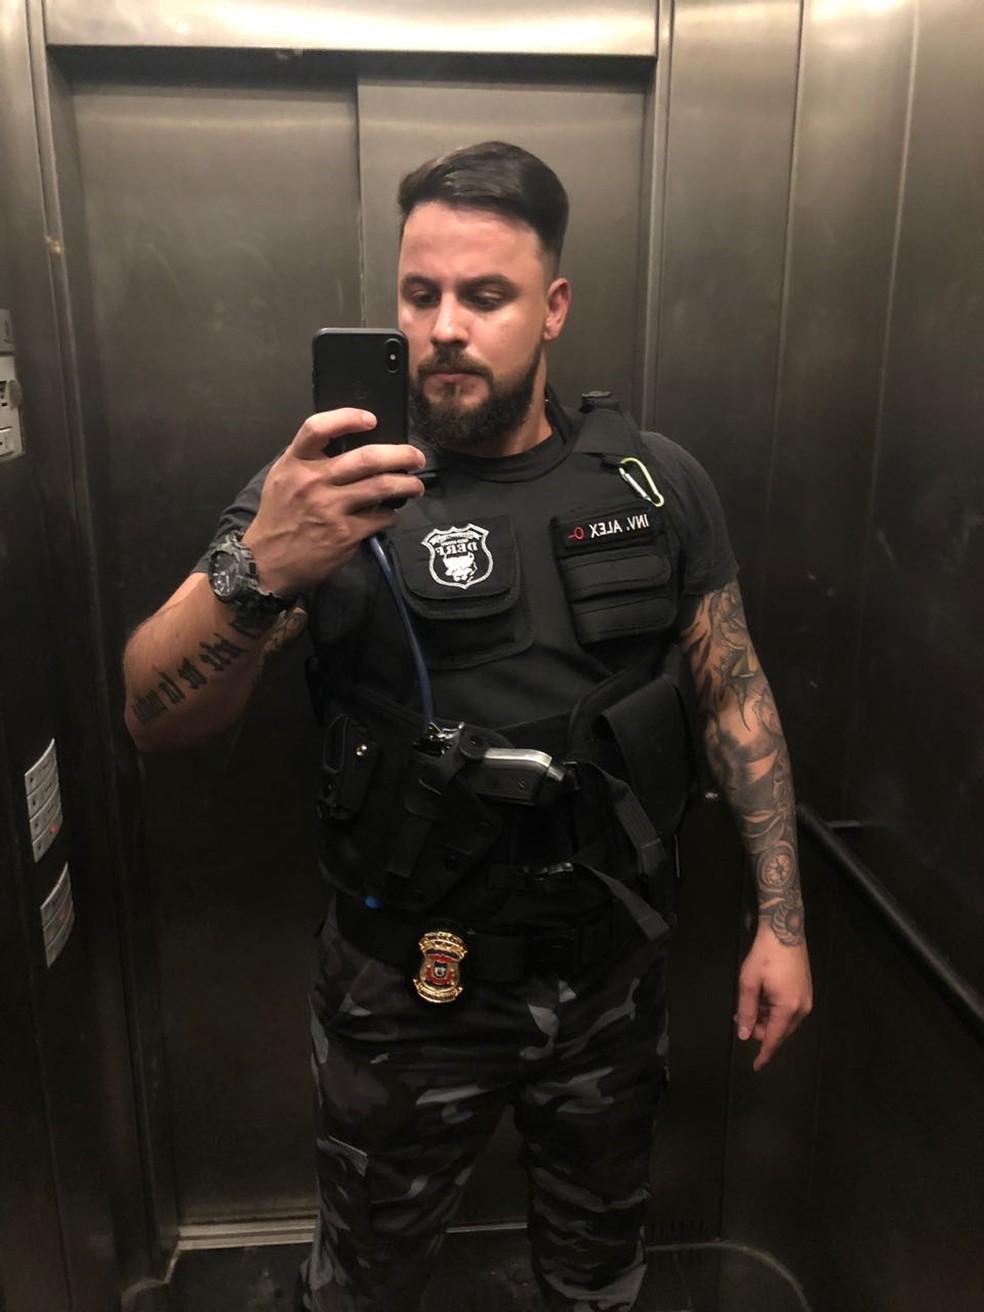 Falso policial diz que tirava fotos com arma e uniforme da polícia para atrair mulheres em Cuiabá (Foto: Polícia Civil de MT/Divulgação)